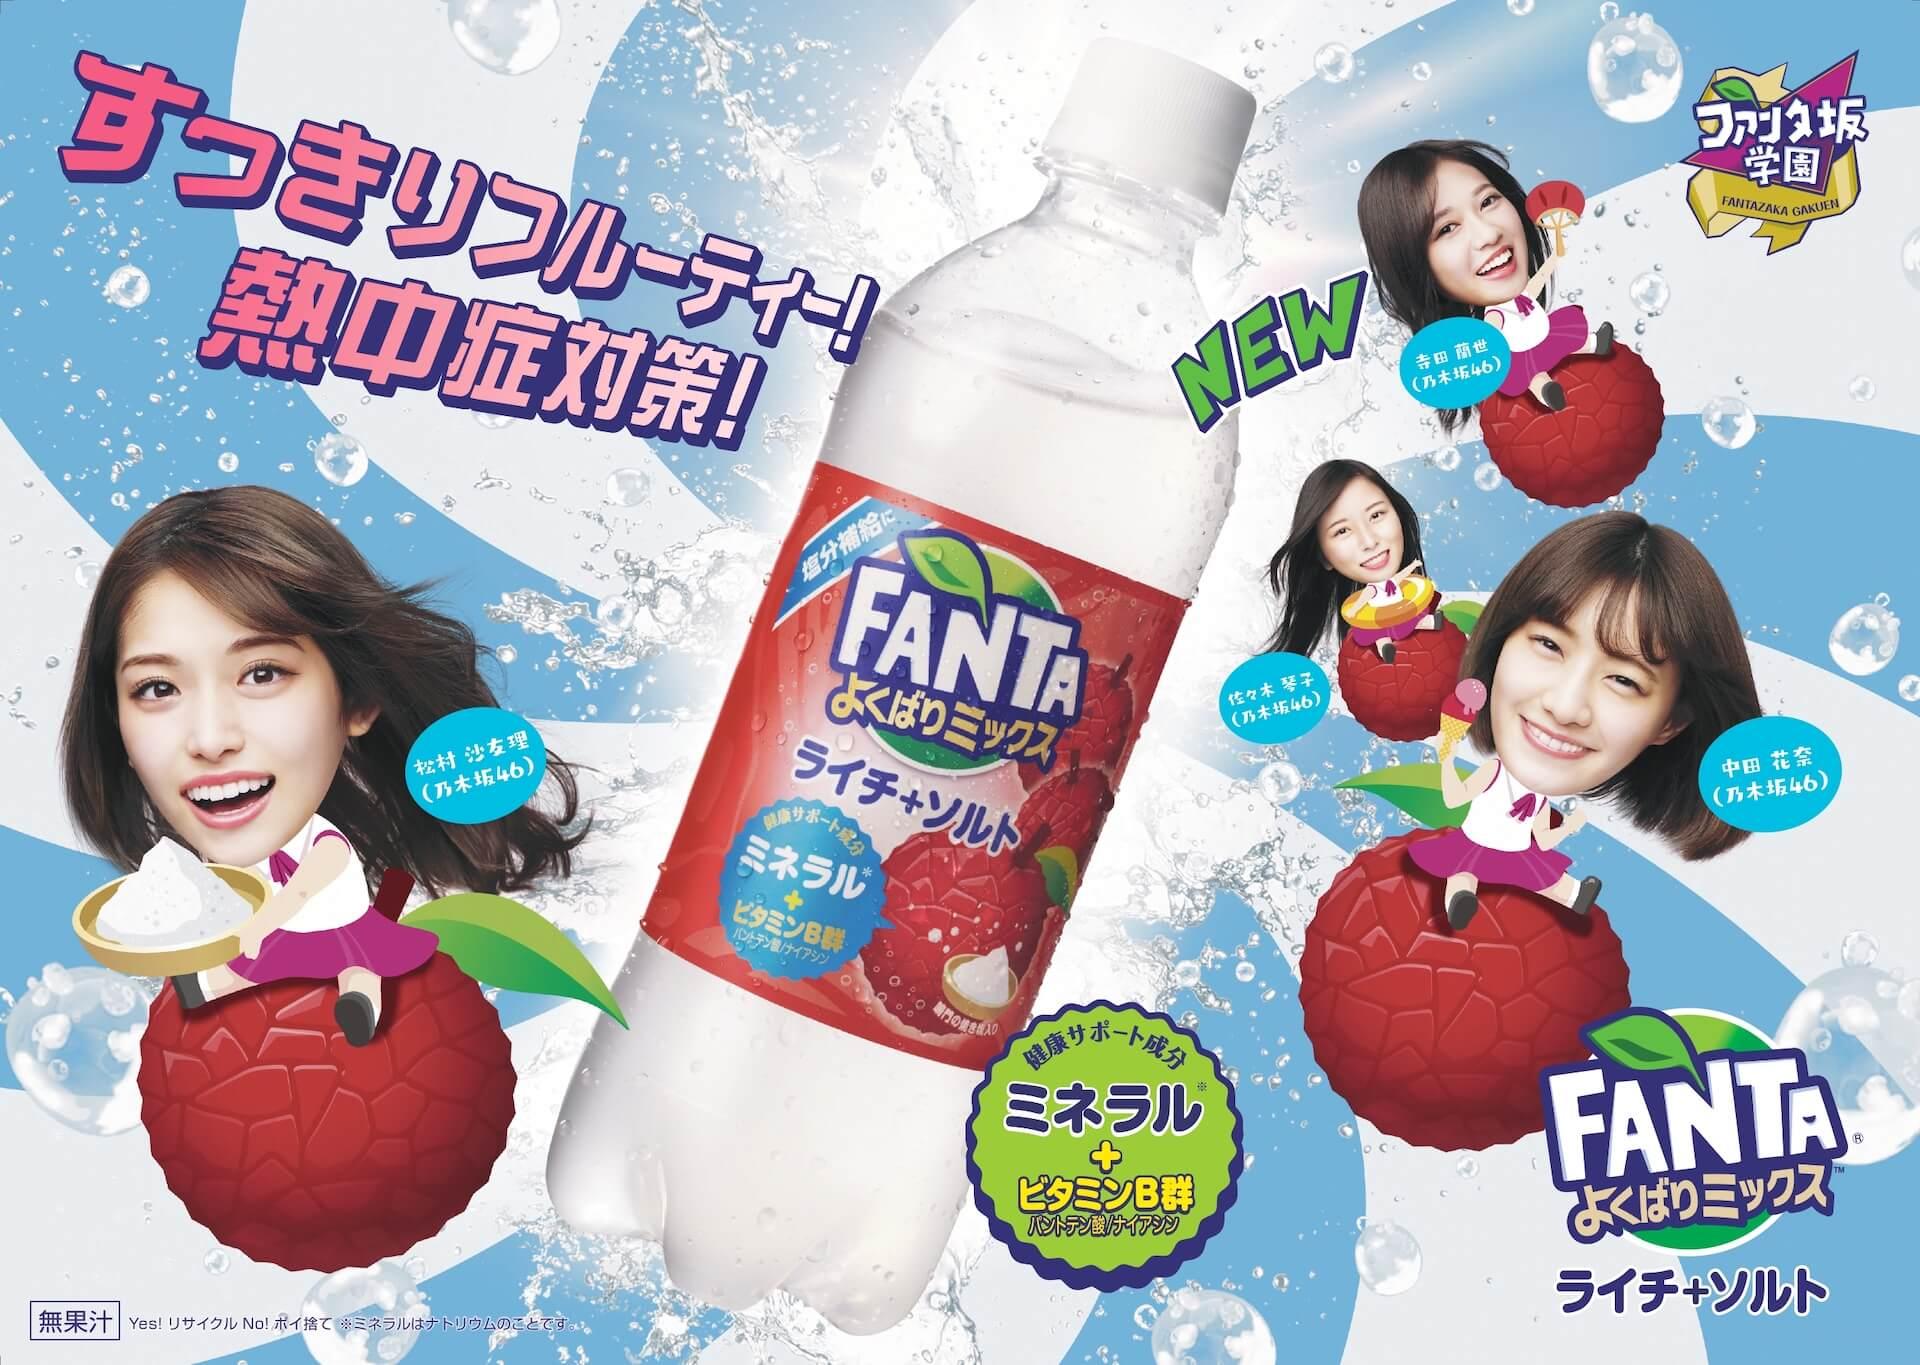 さゆりんご軍団×「ファンタ よくばりミックス ライチ+ソルト」ポスター